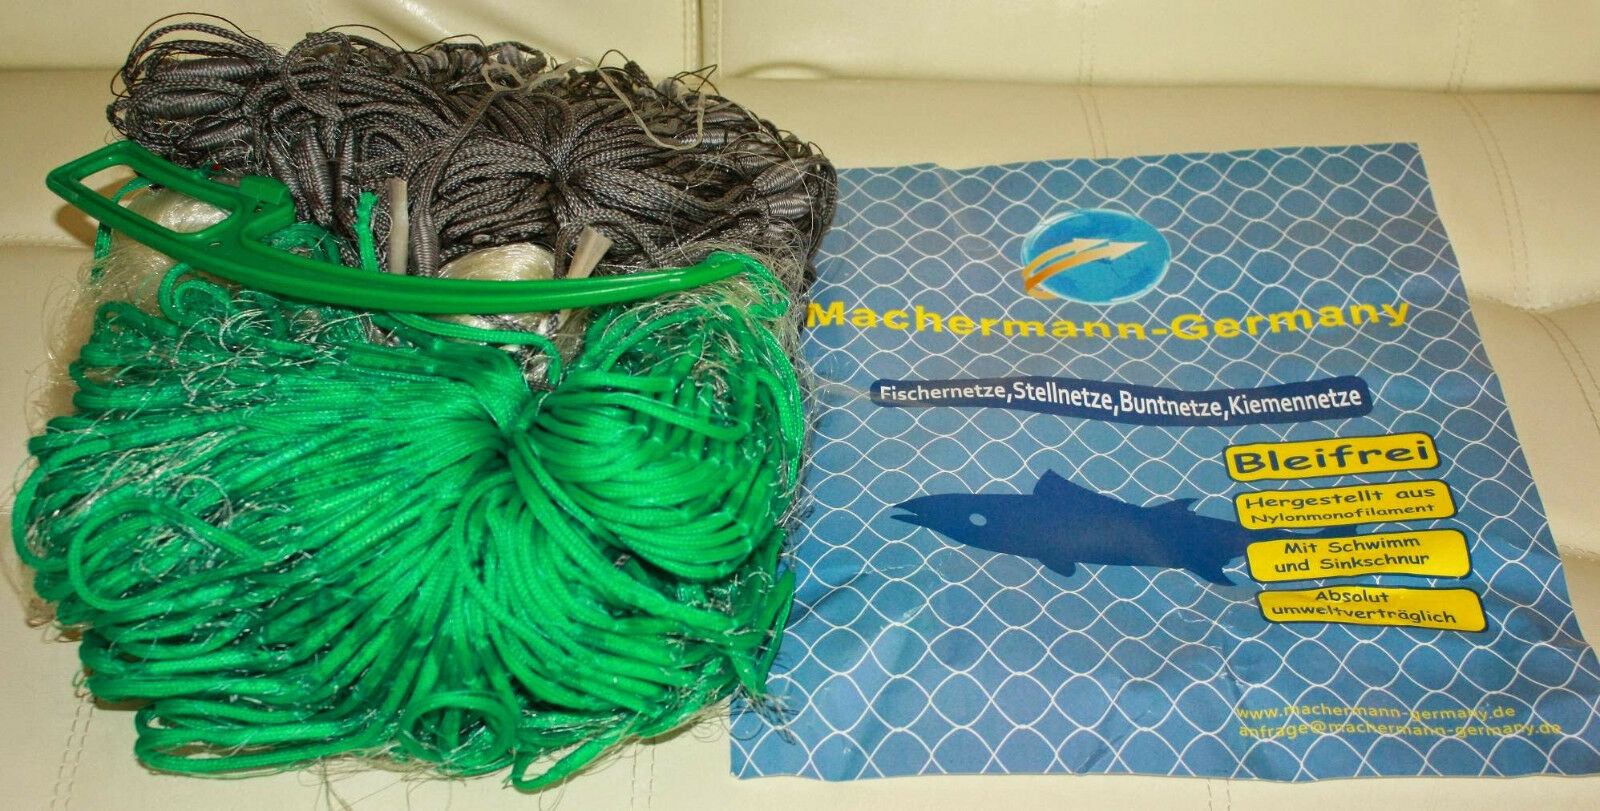 Stellnetz Fischnetz Spiegelnetz 3 Wandig Finland Netz.1 8x30 m 60 mm Top Preis